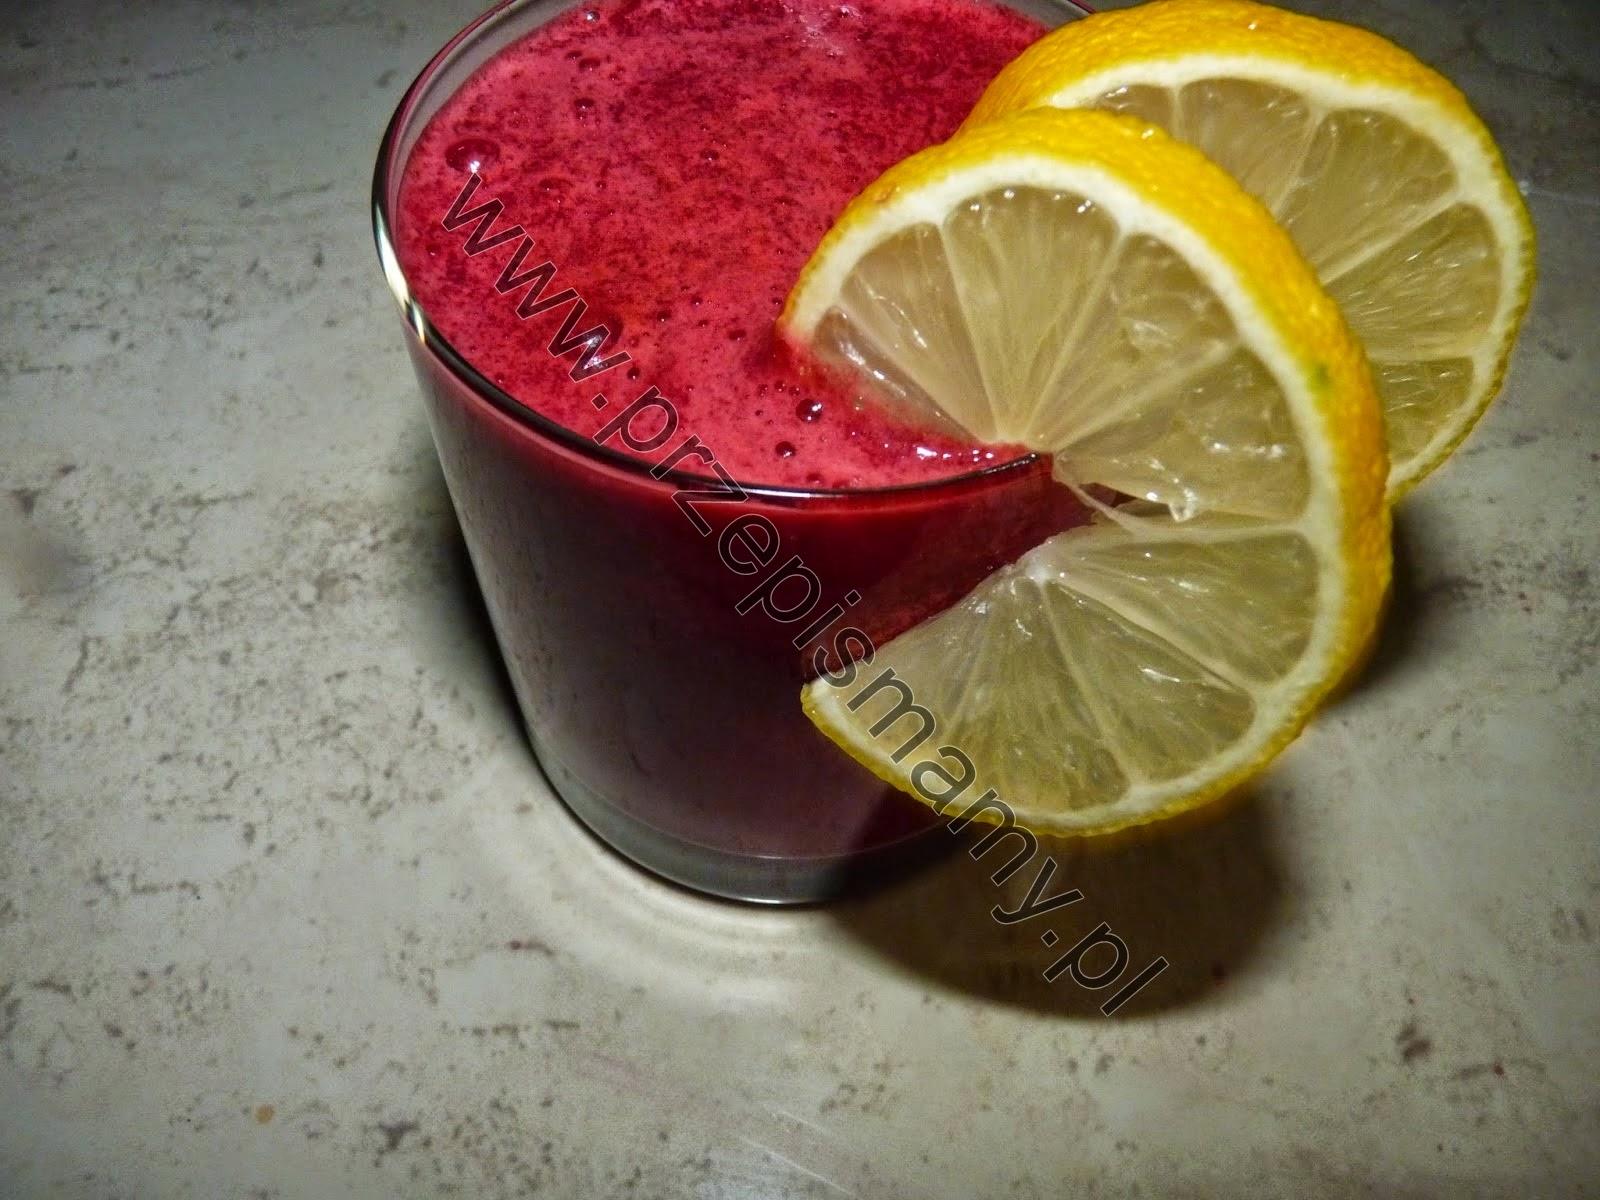 Wieloowocowy sok